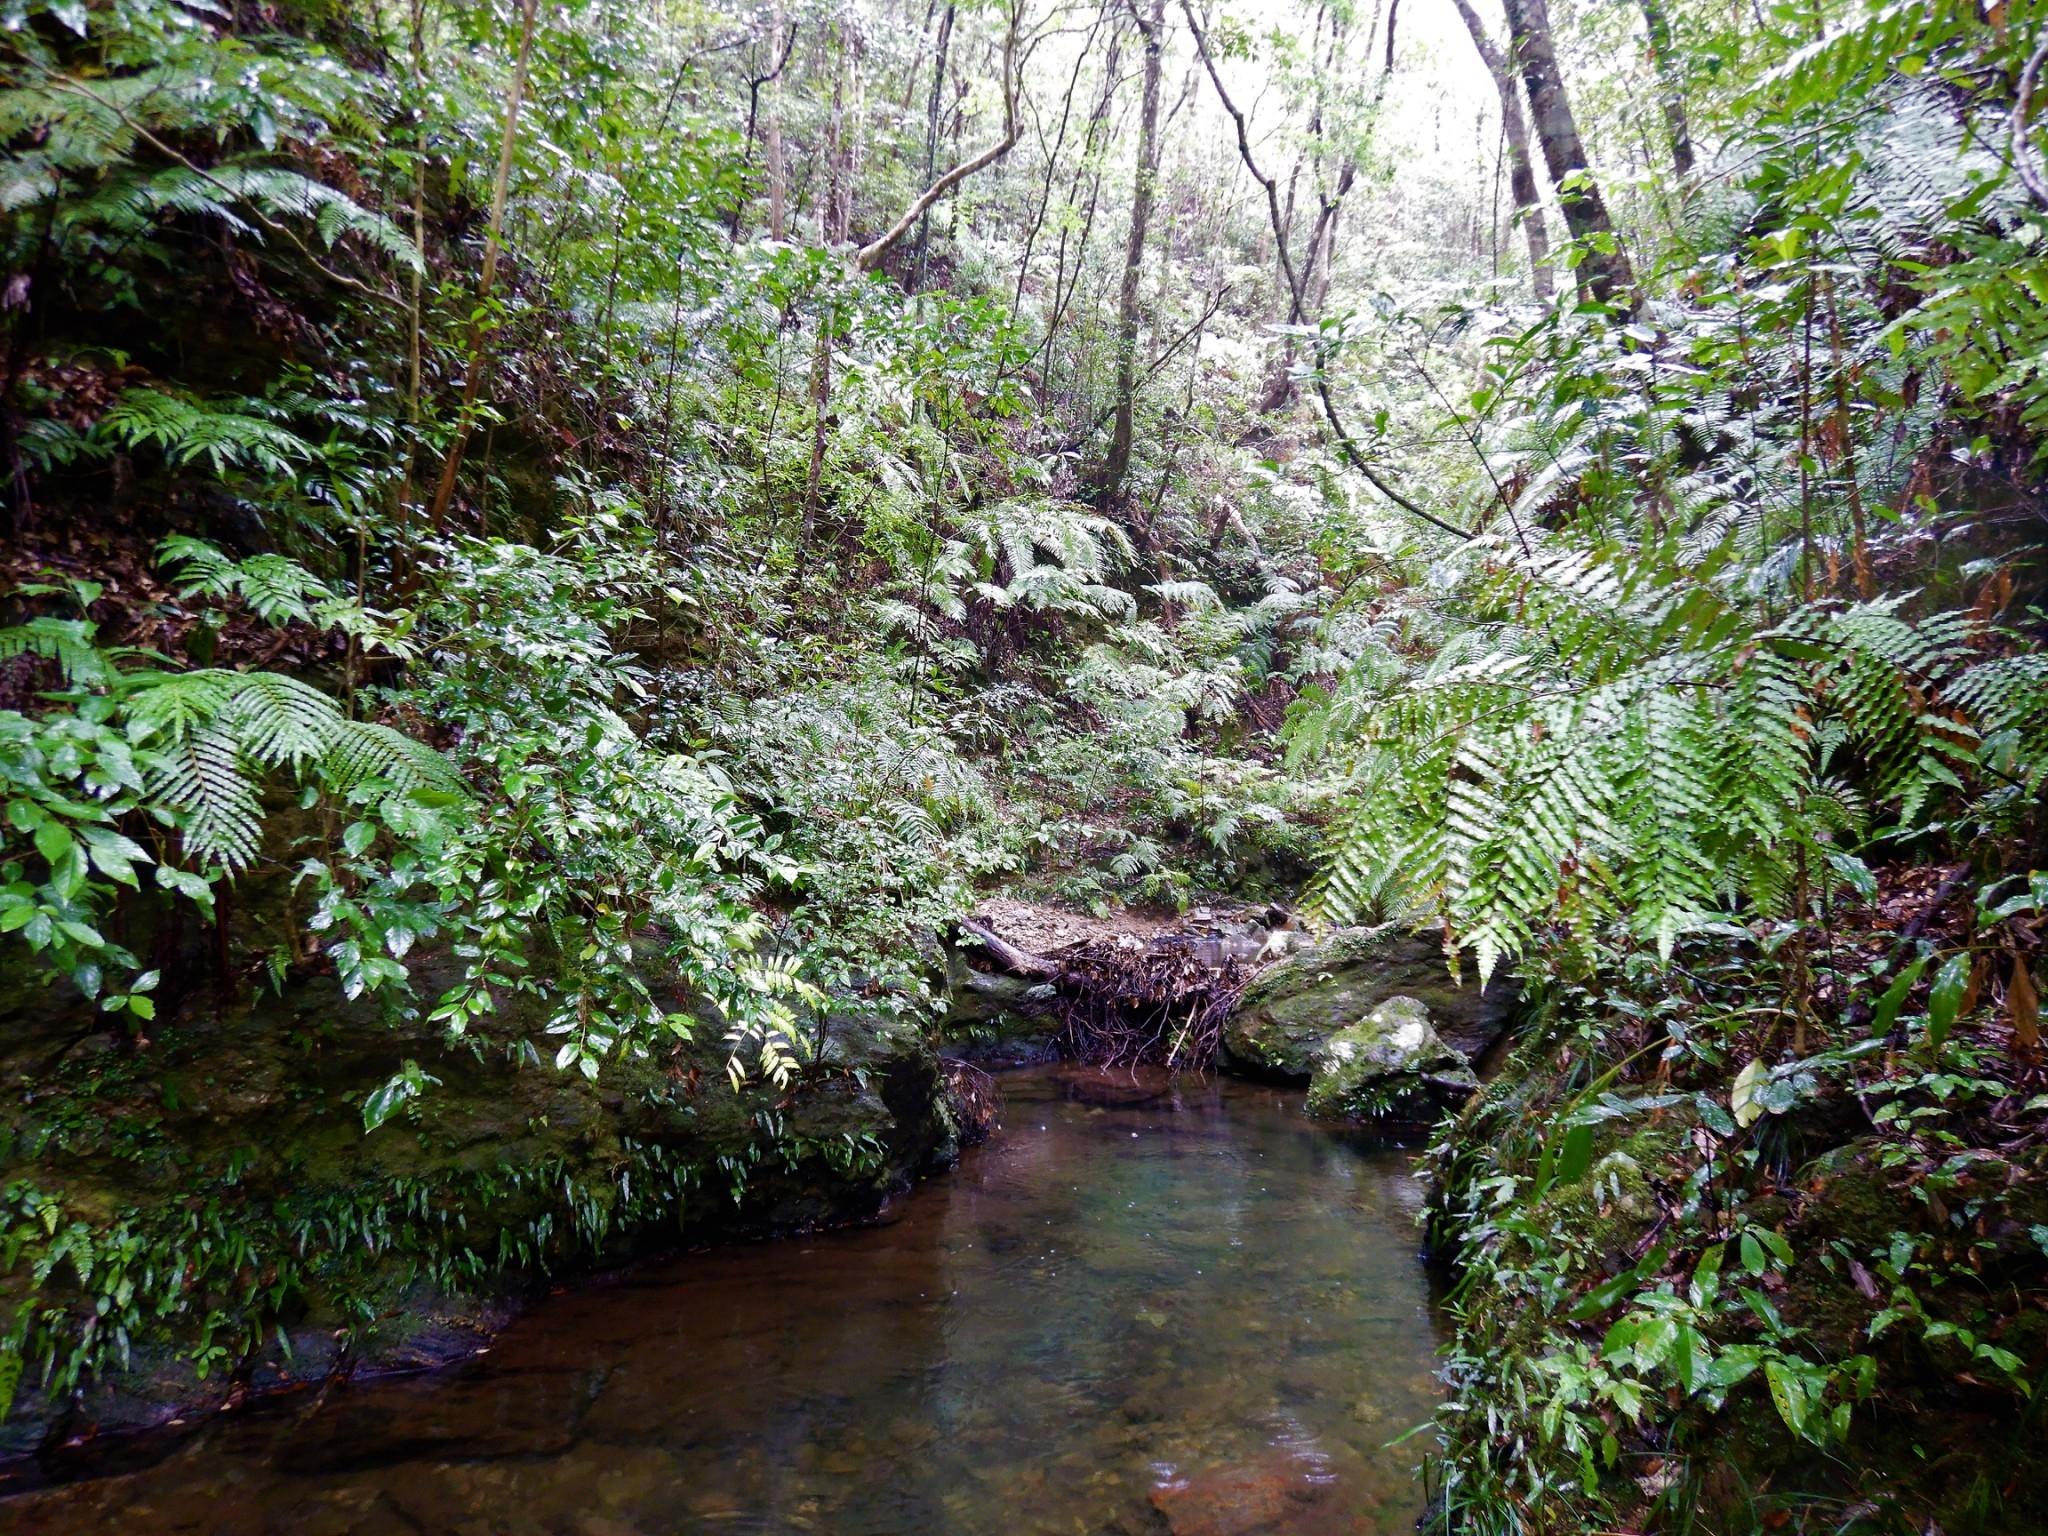 やんばるの自然豊かな森はやんばる国立公園になっています